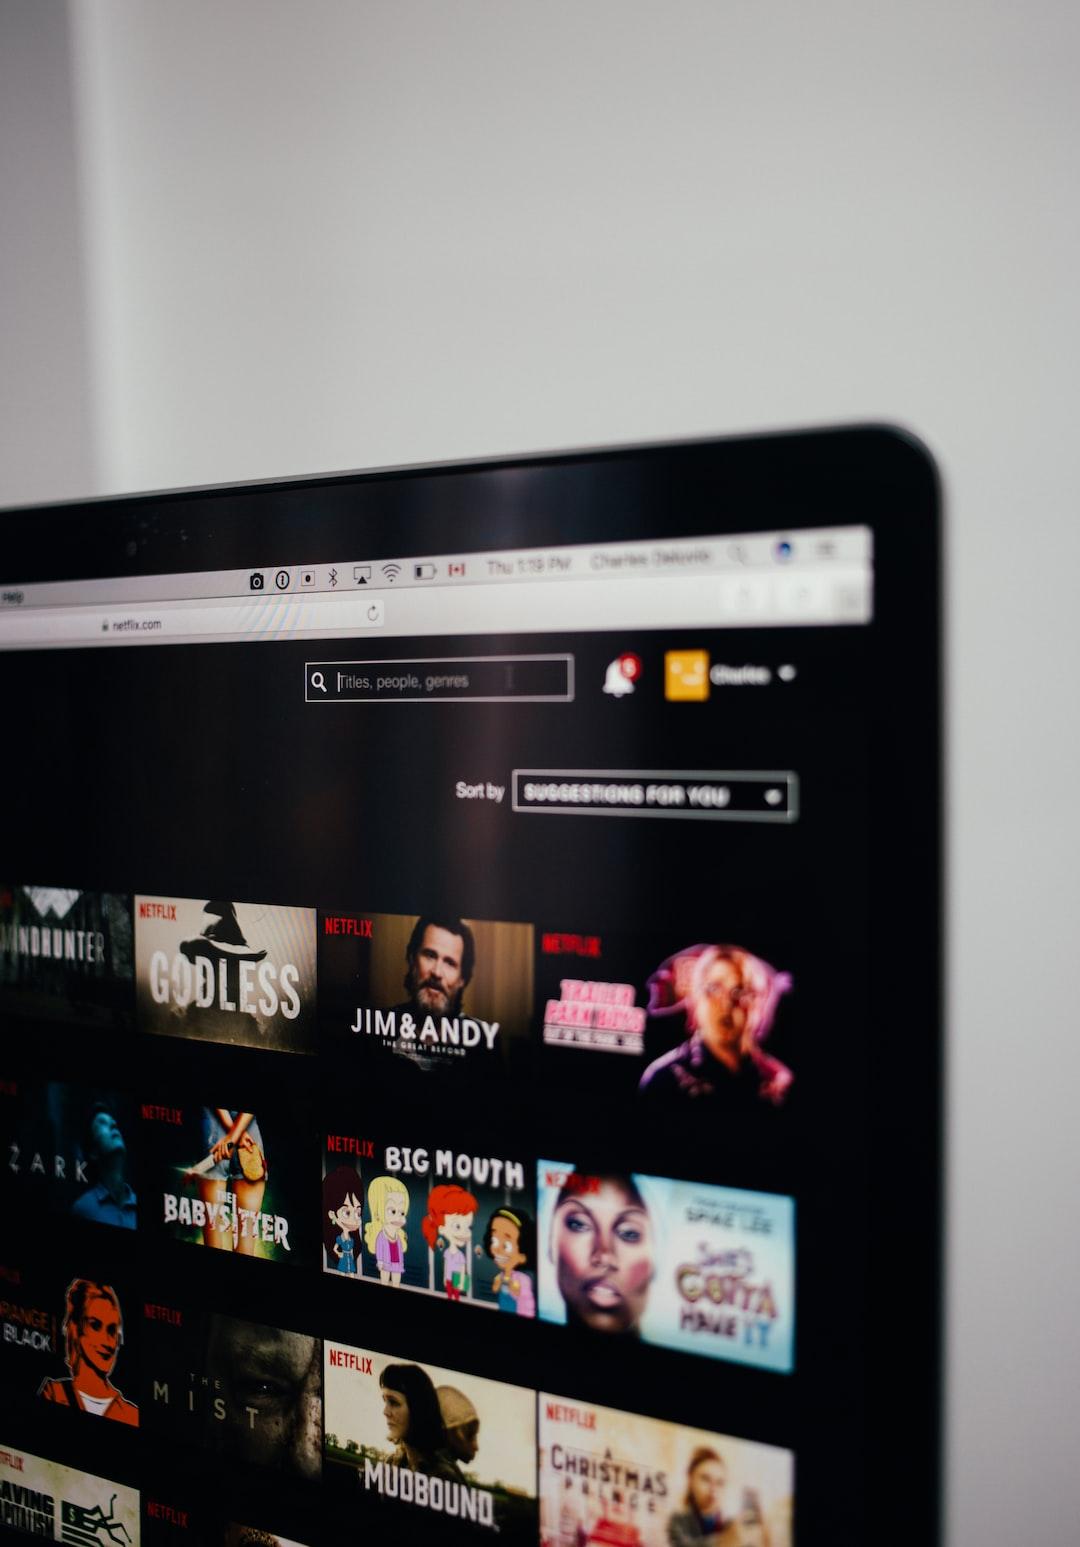 Browsing Netflix